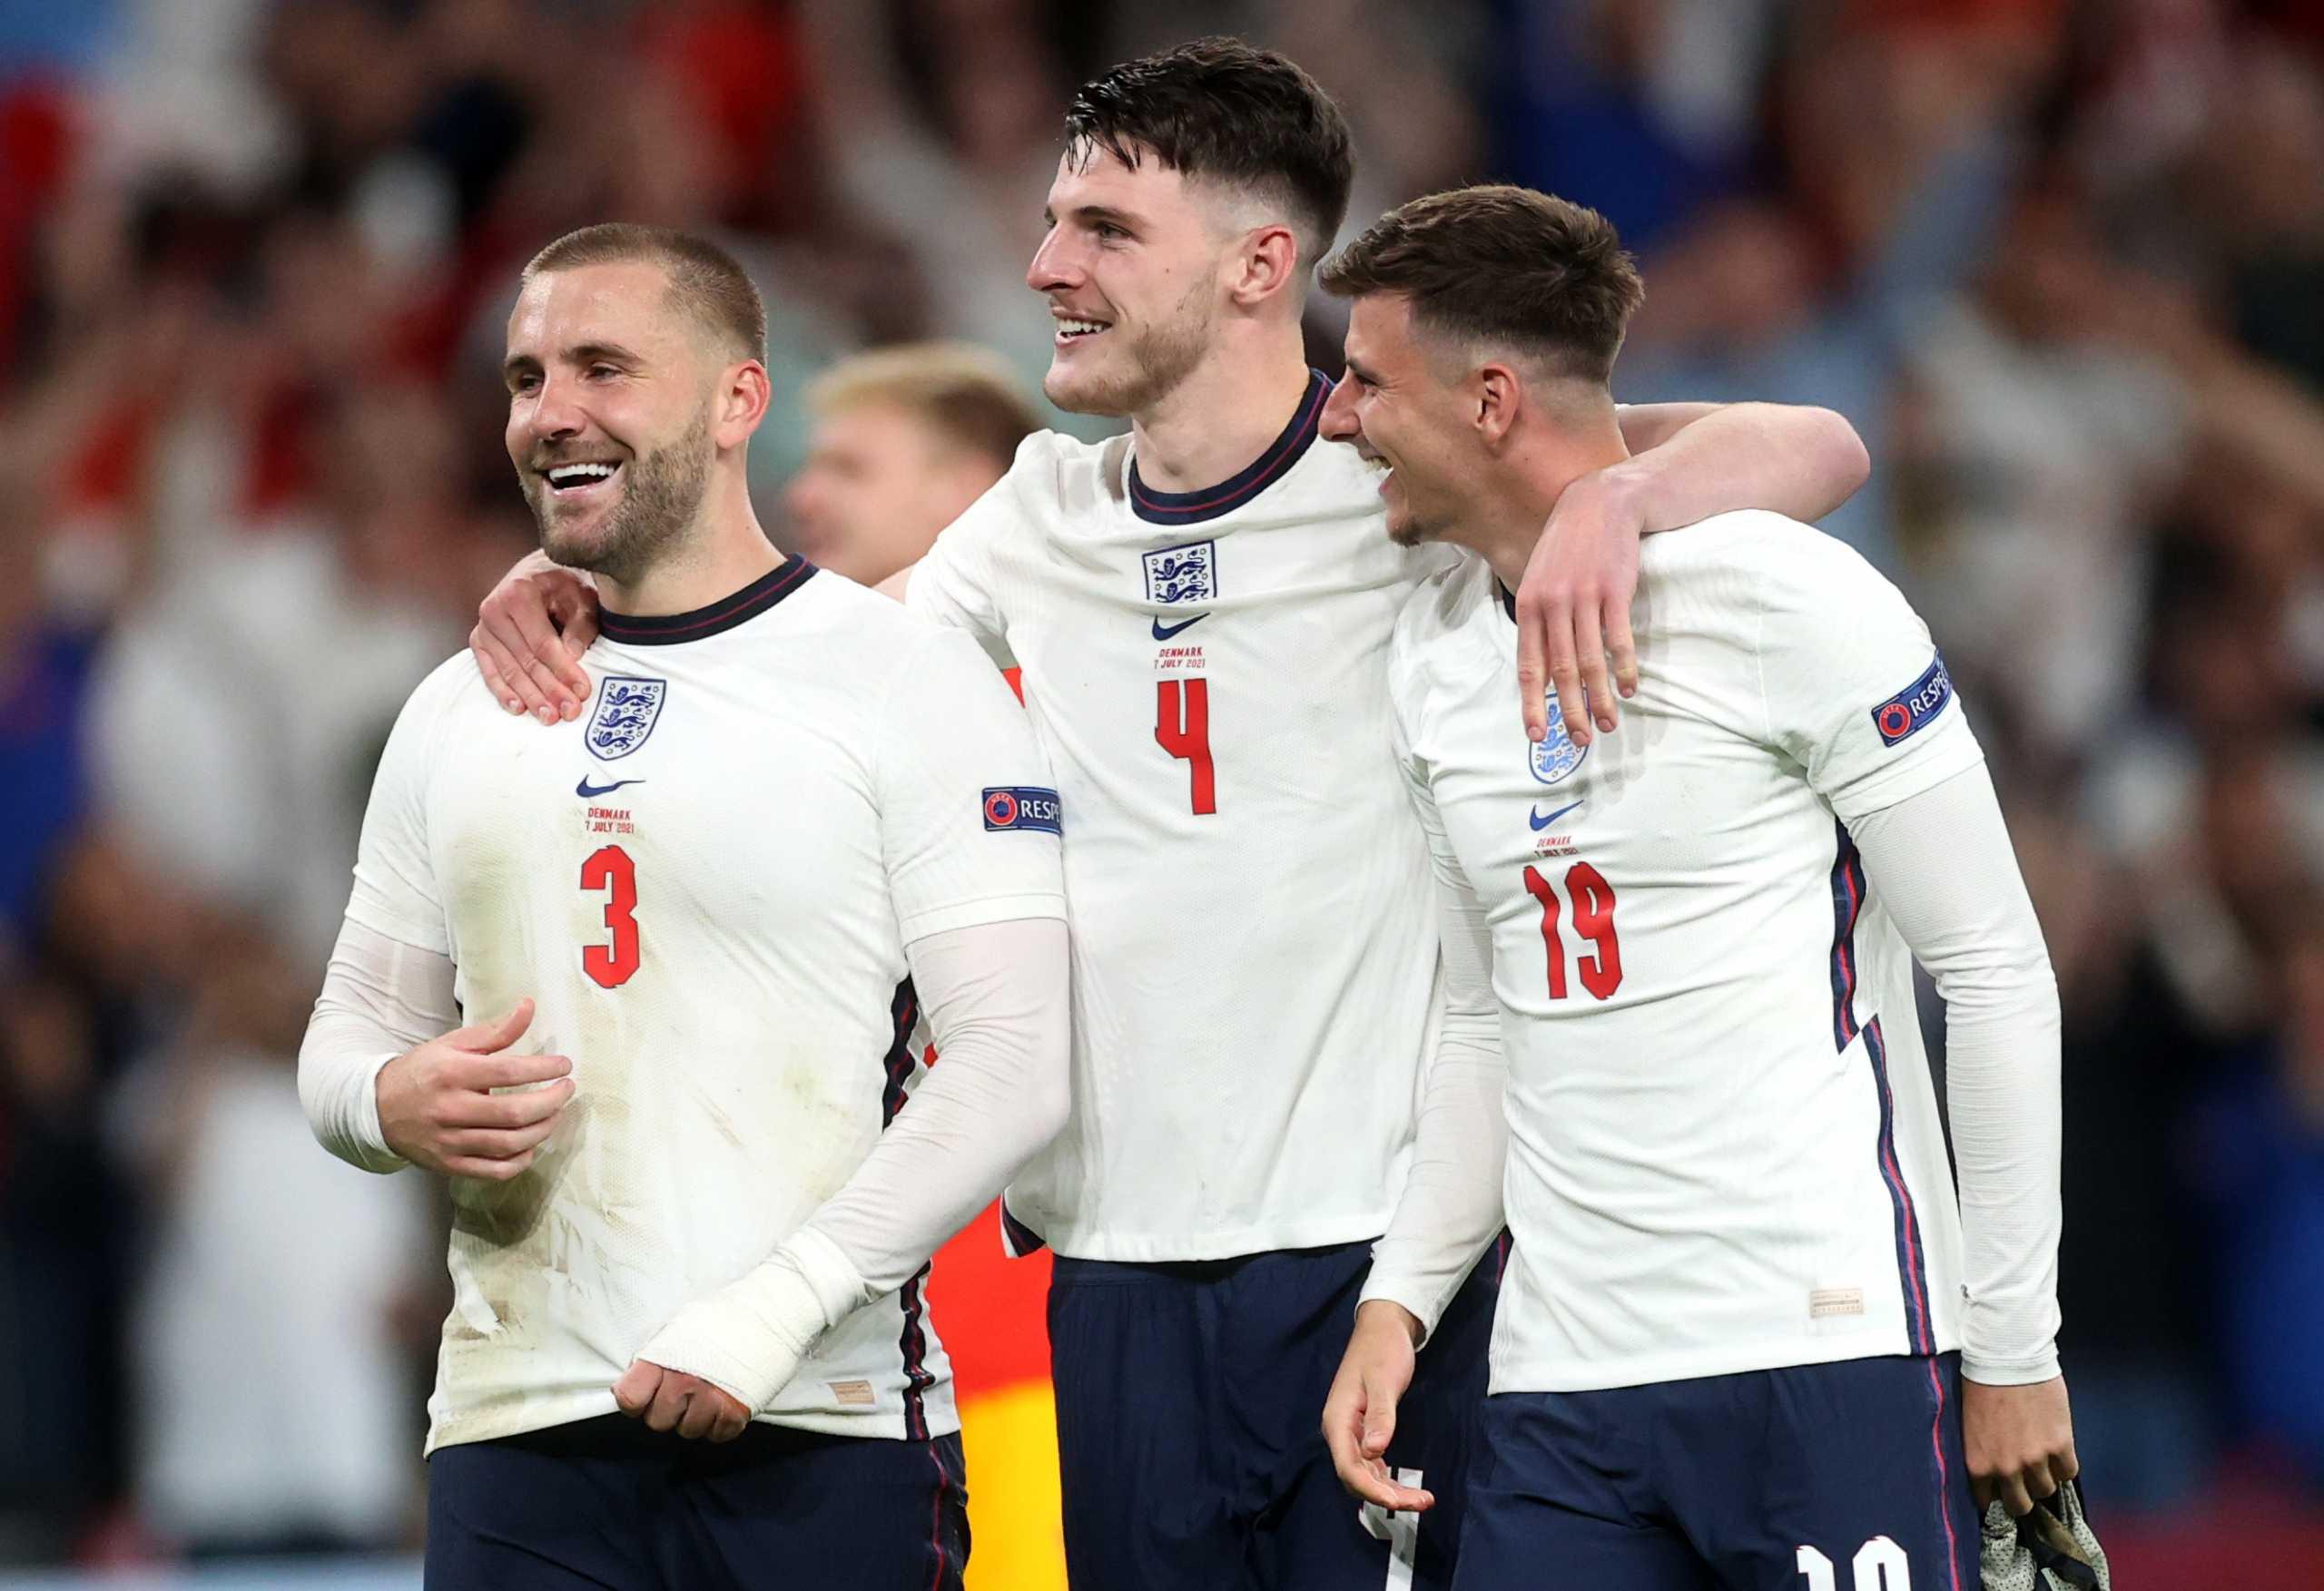 Μύκονος: Άγγλοι διεθνείς «ξεπερνούν» τον χαμένο τελικό του Euro με μπάσκετ πάνω σε σκάφος